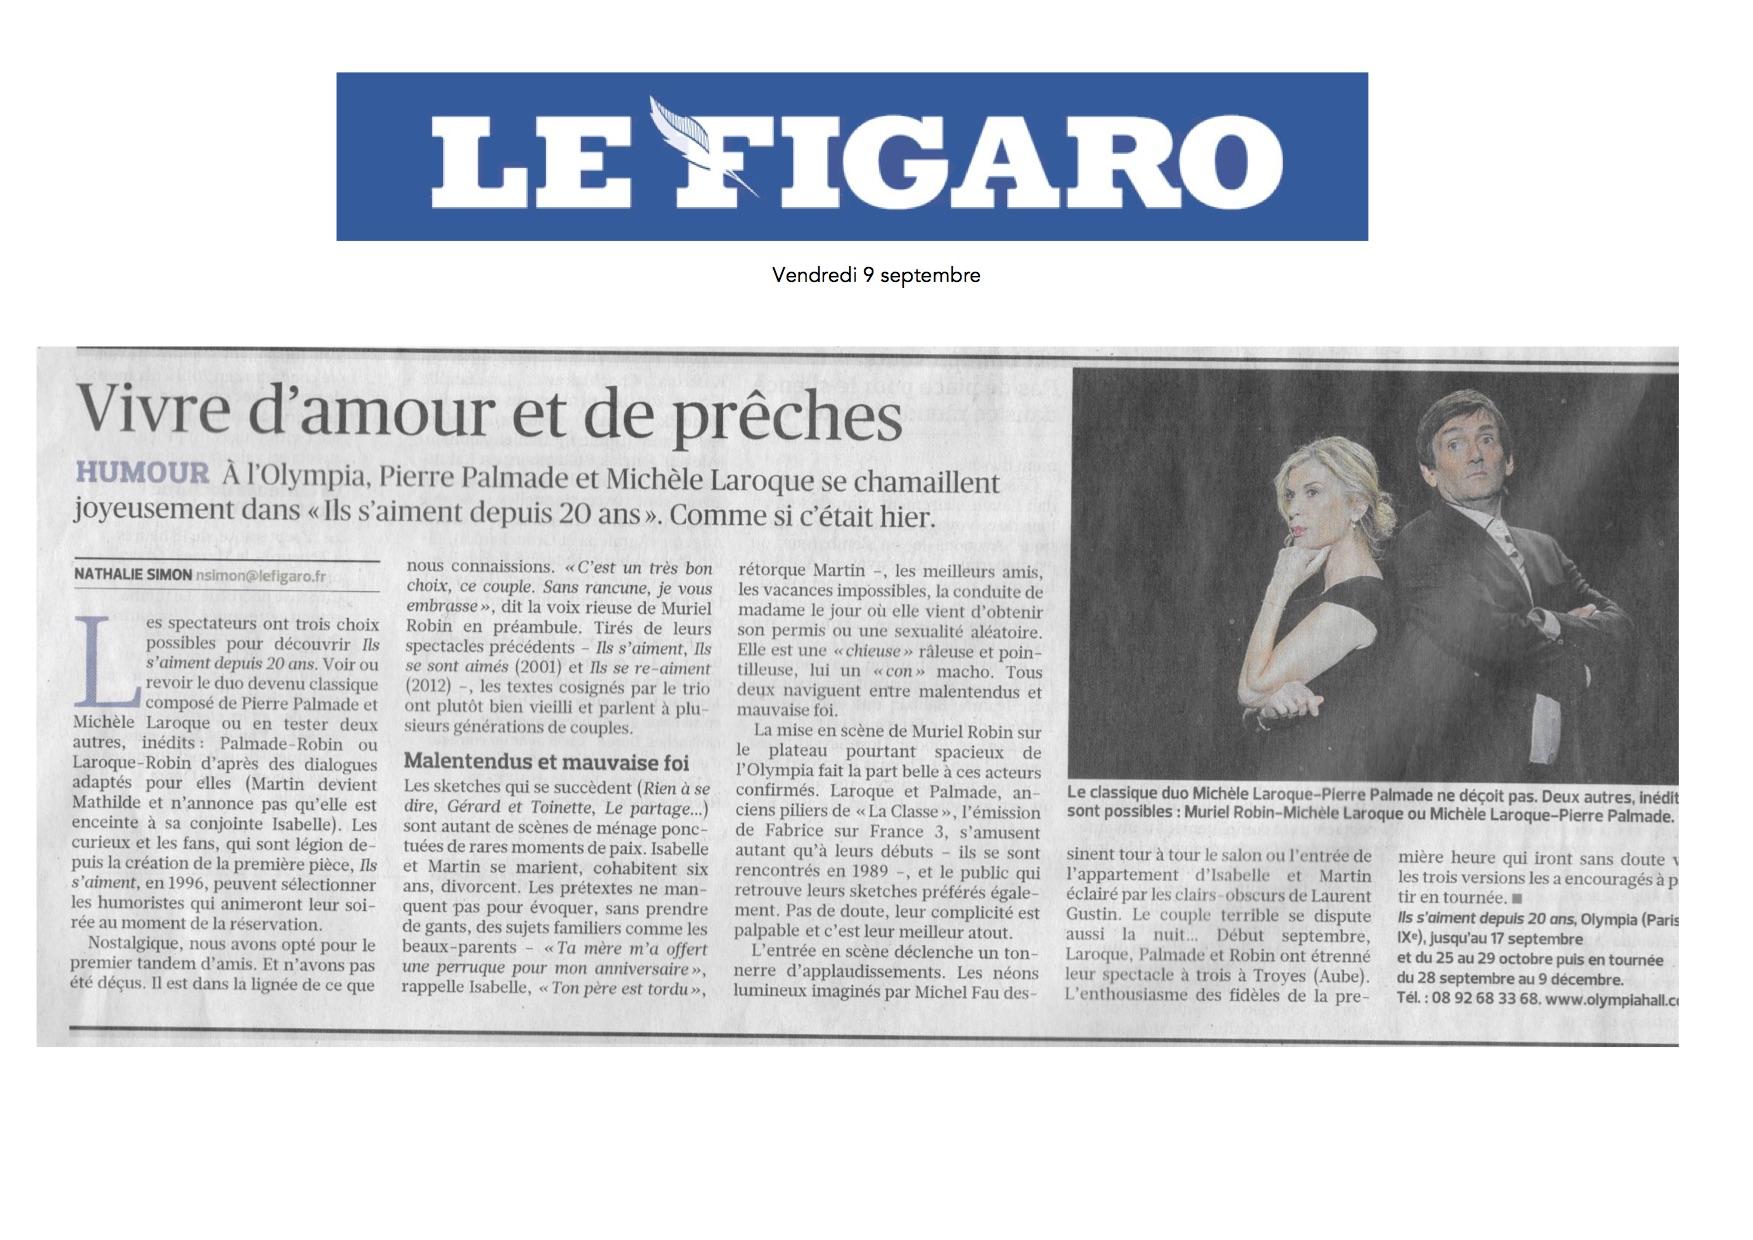 Le Figaro 09.09.16